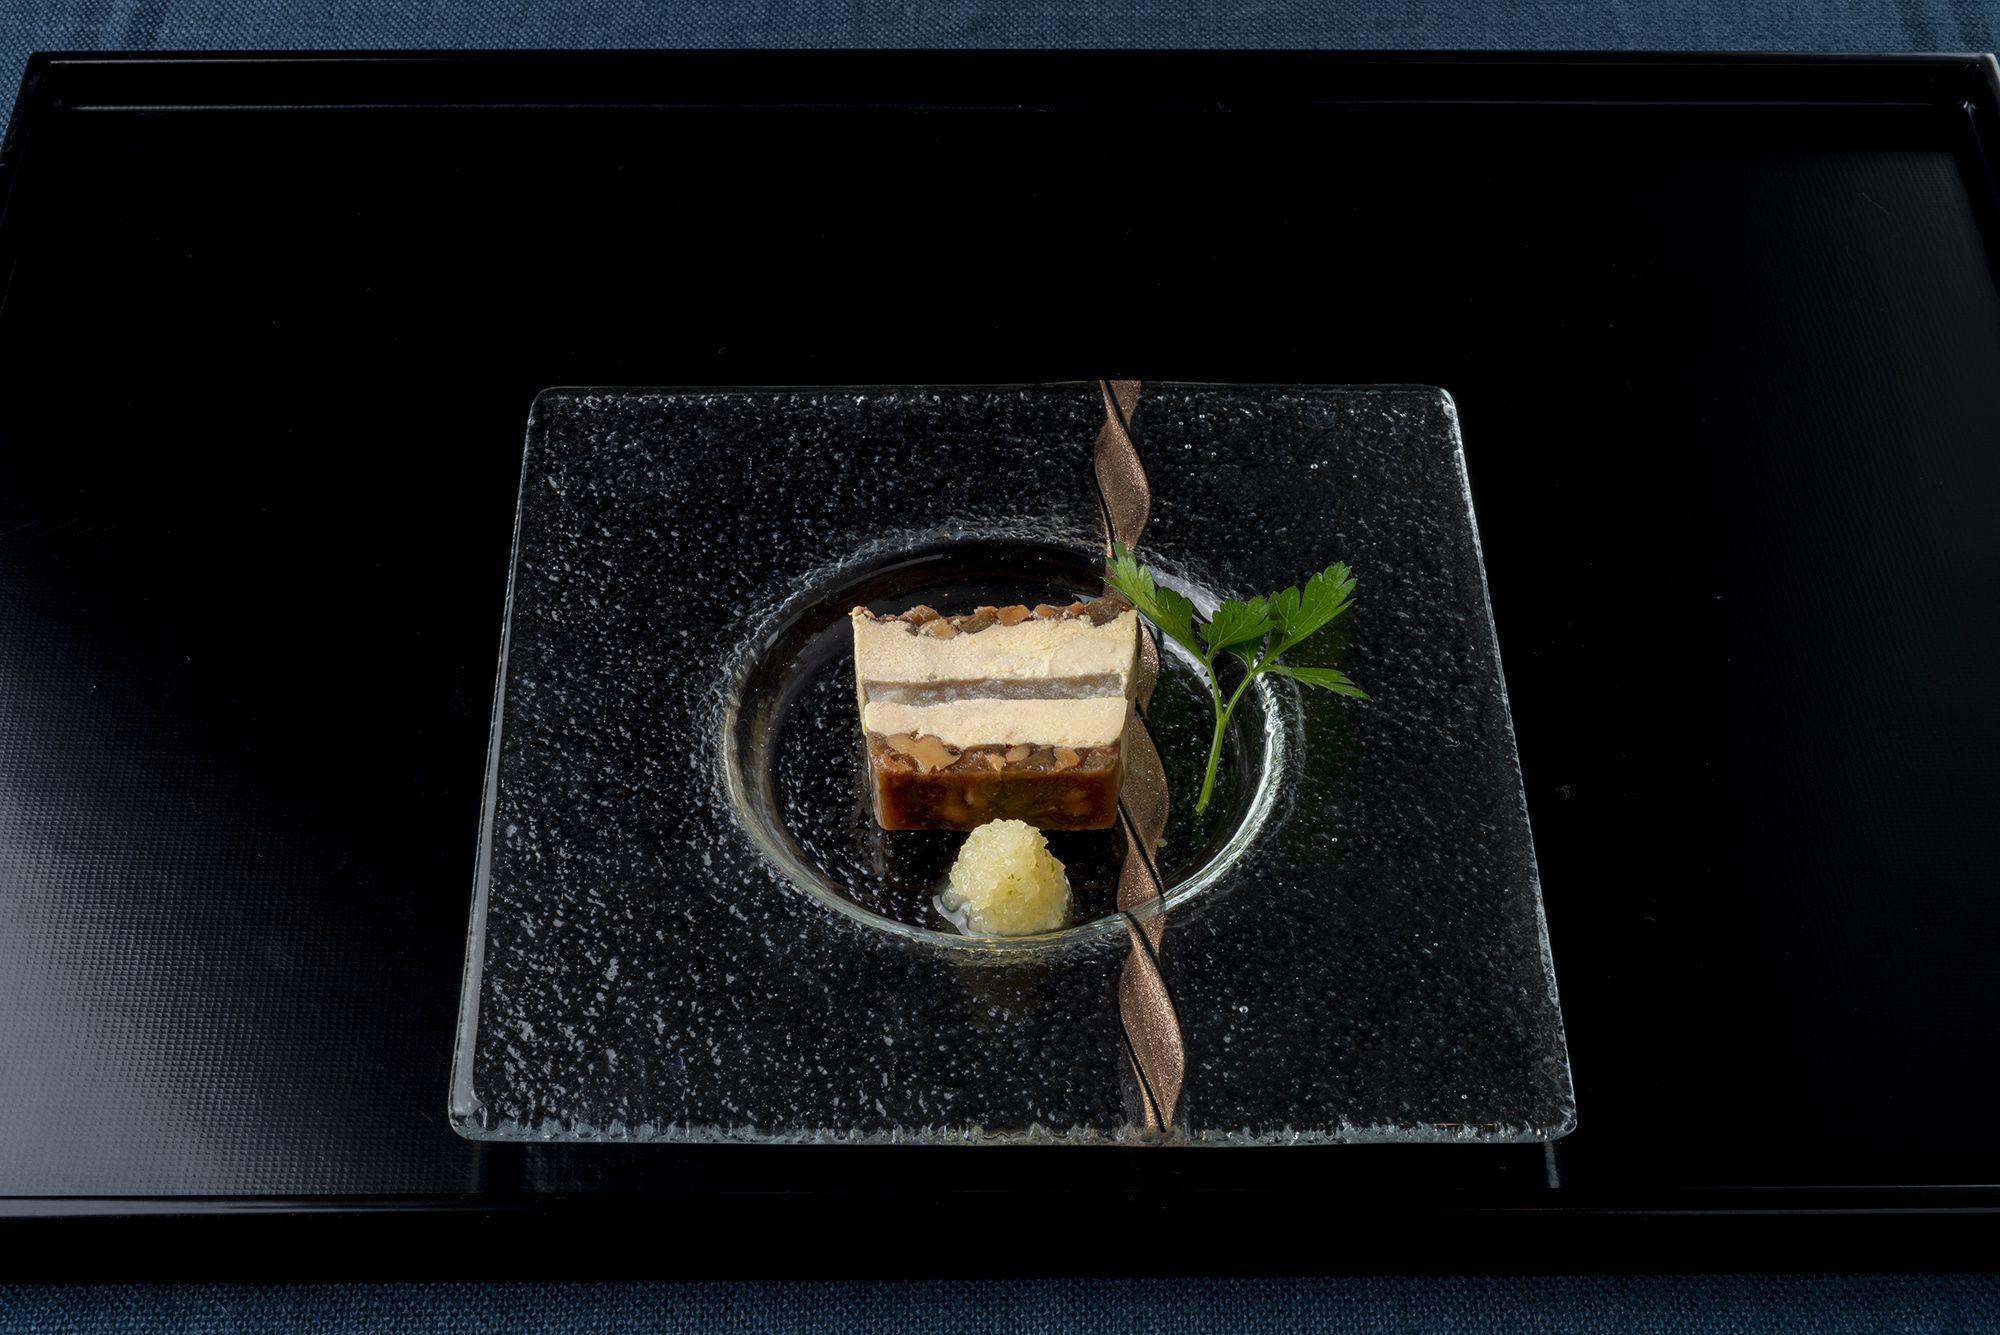 ミシュランガイド東京12年連続で星を獲得している代官山「レザンファンギャテ」の松澤シェフが作る「レザンファンギャテ特製フォアグラの三五八テリーヌ」(1,512円)。蕎麦とテリーヌ、日本酒との邂逅だ。